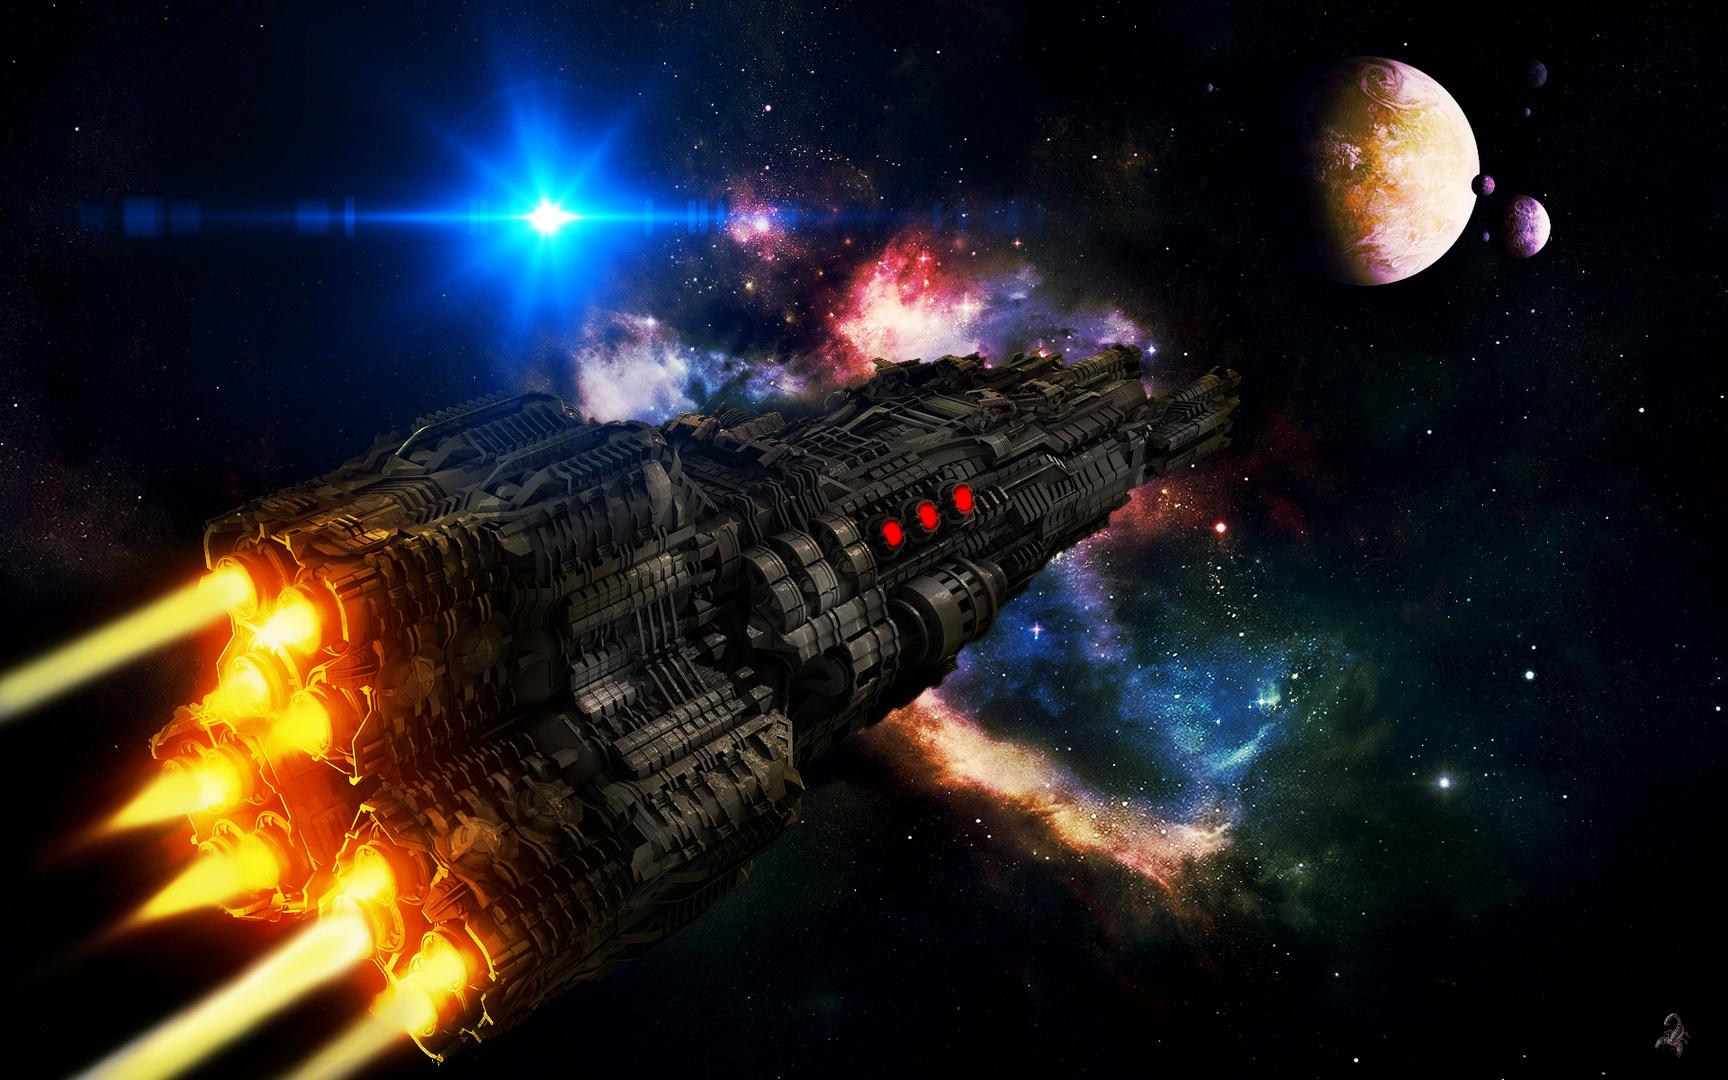 Mit Lichtgeschwindigkeit zu neuen Welten